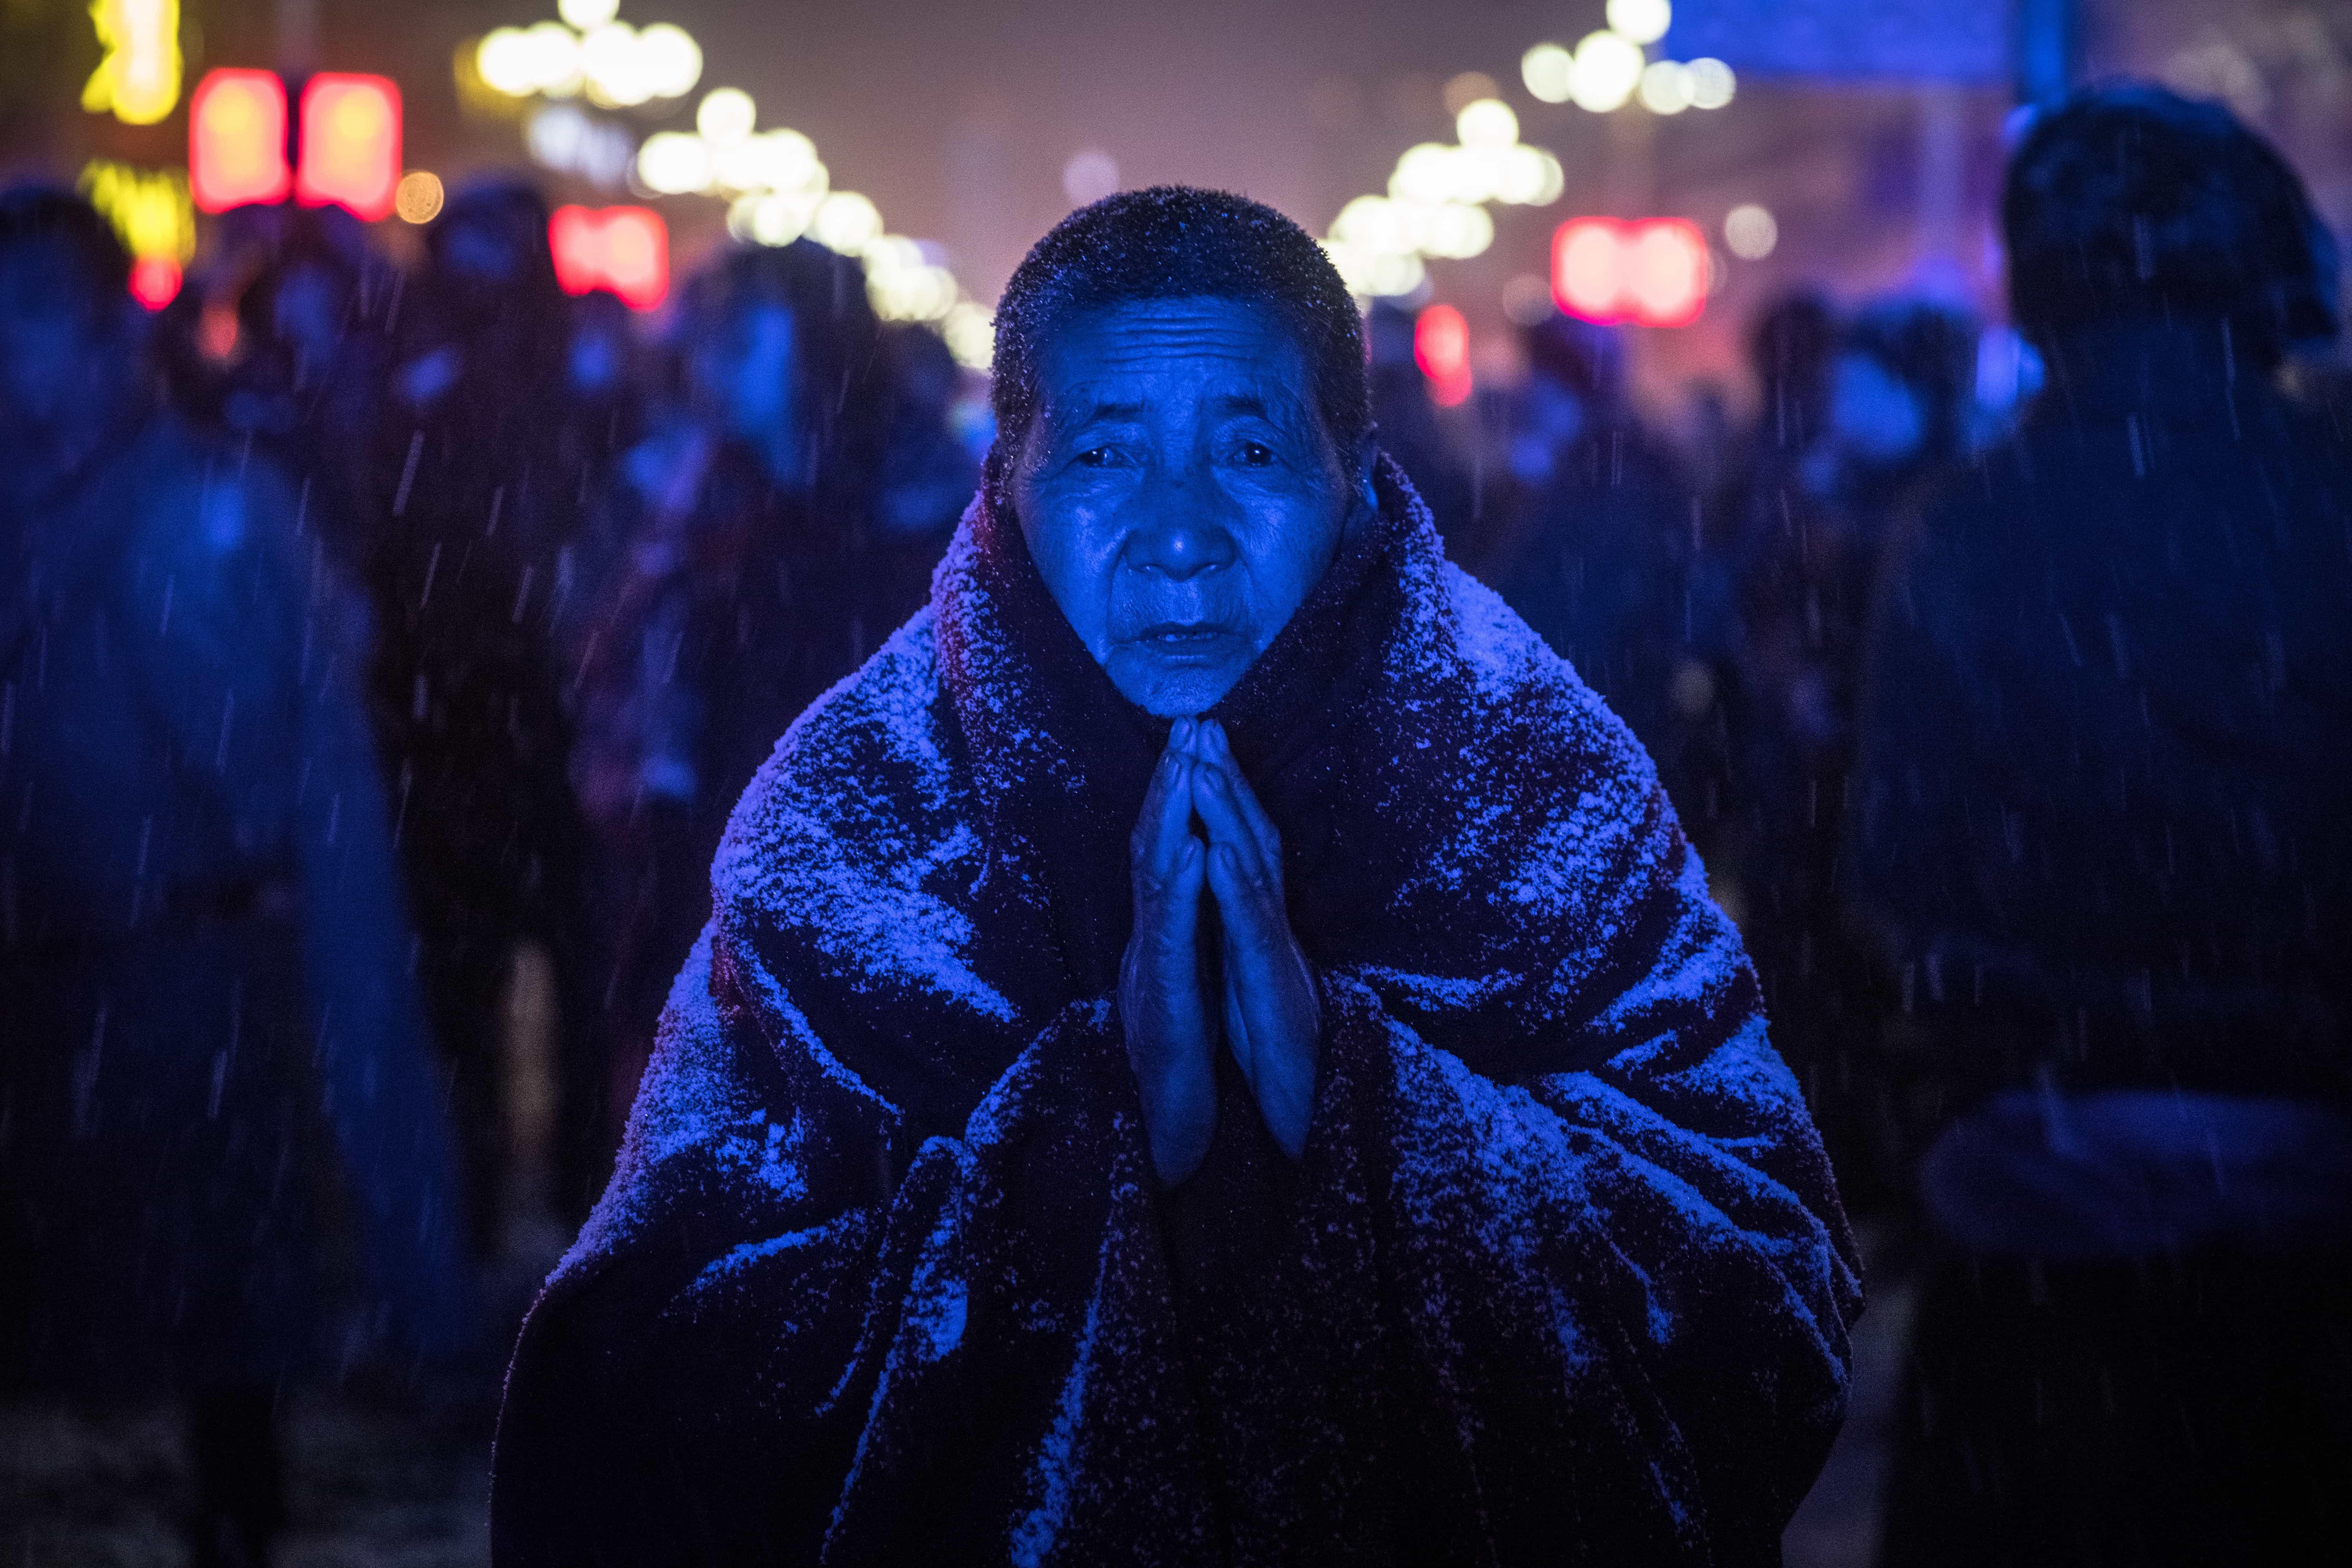 Tibete recorda vítimas, exilados e insurgentes em aniversário de revolta